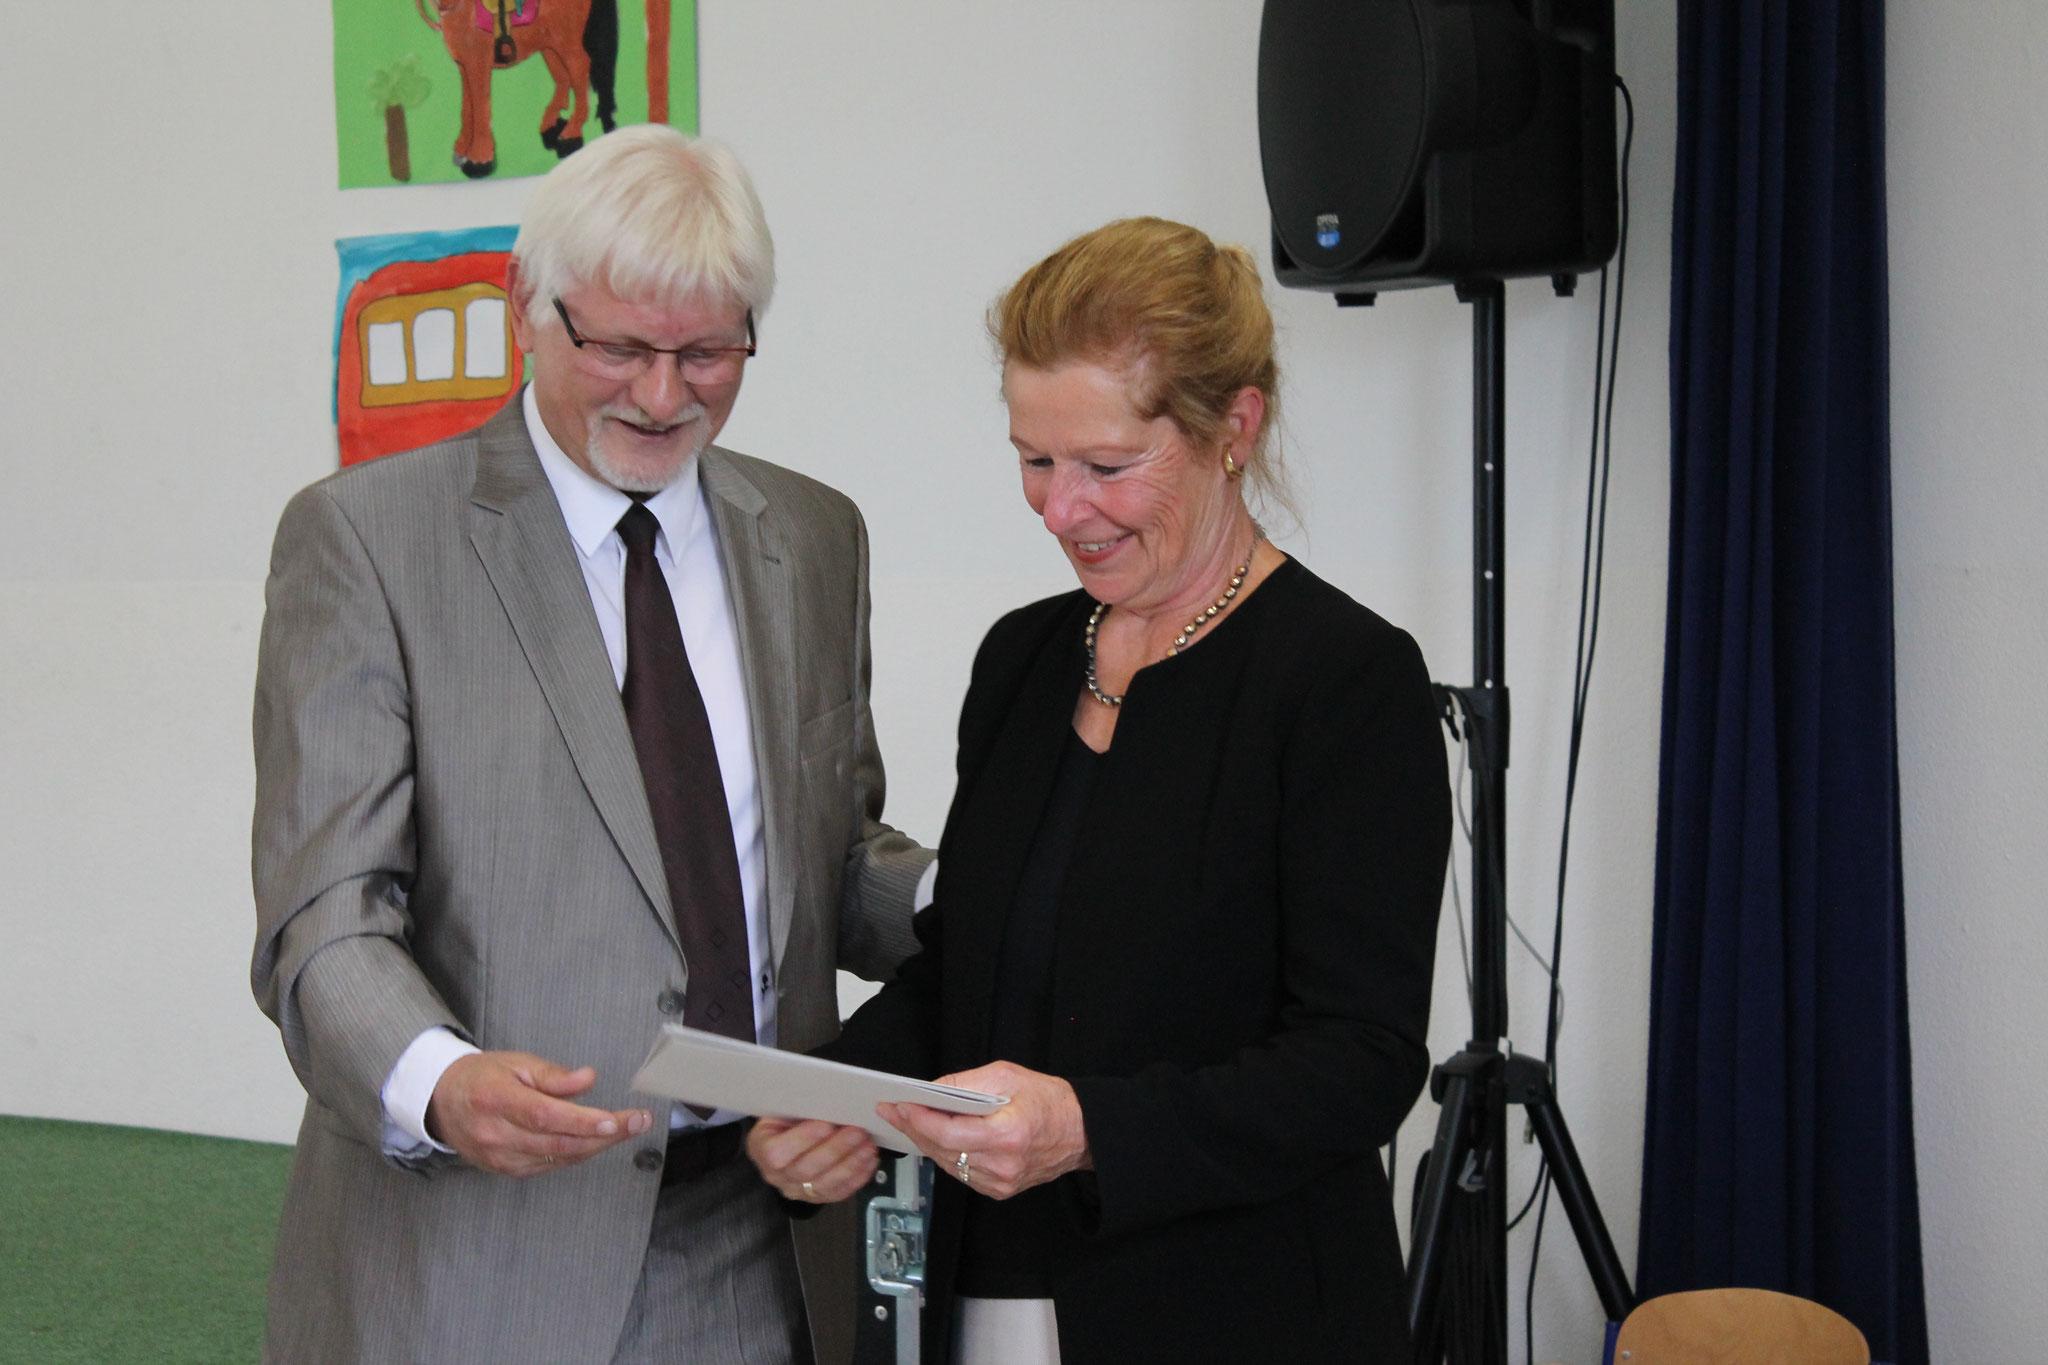 Frau Reinhold erhält ihre Urkunde zum Ruhestand.